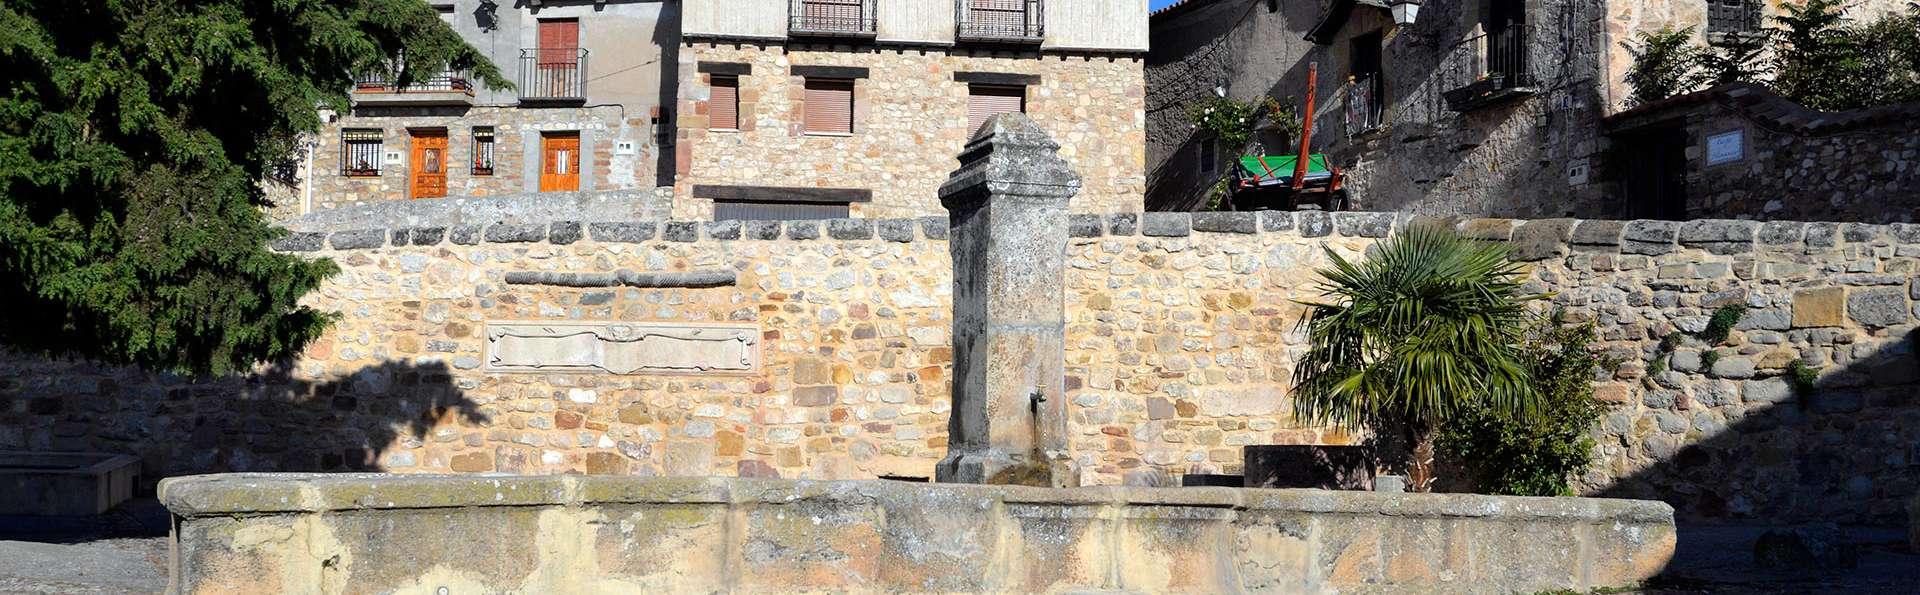 Antiguo Palacio de Atienza - edit_Atienza5.jpg